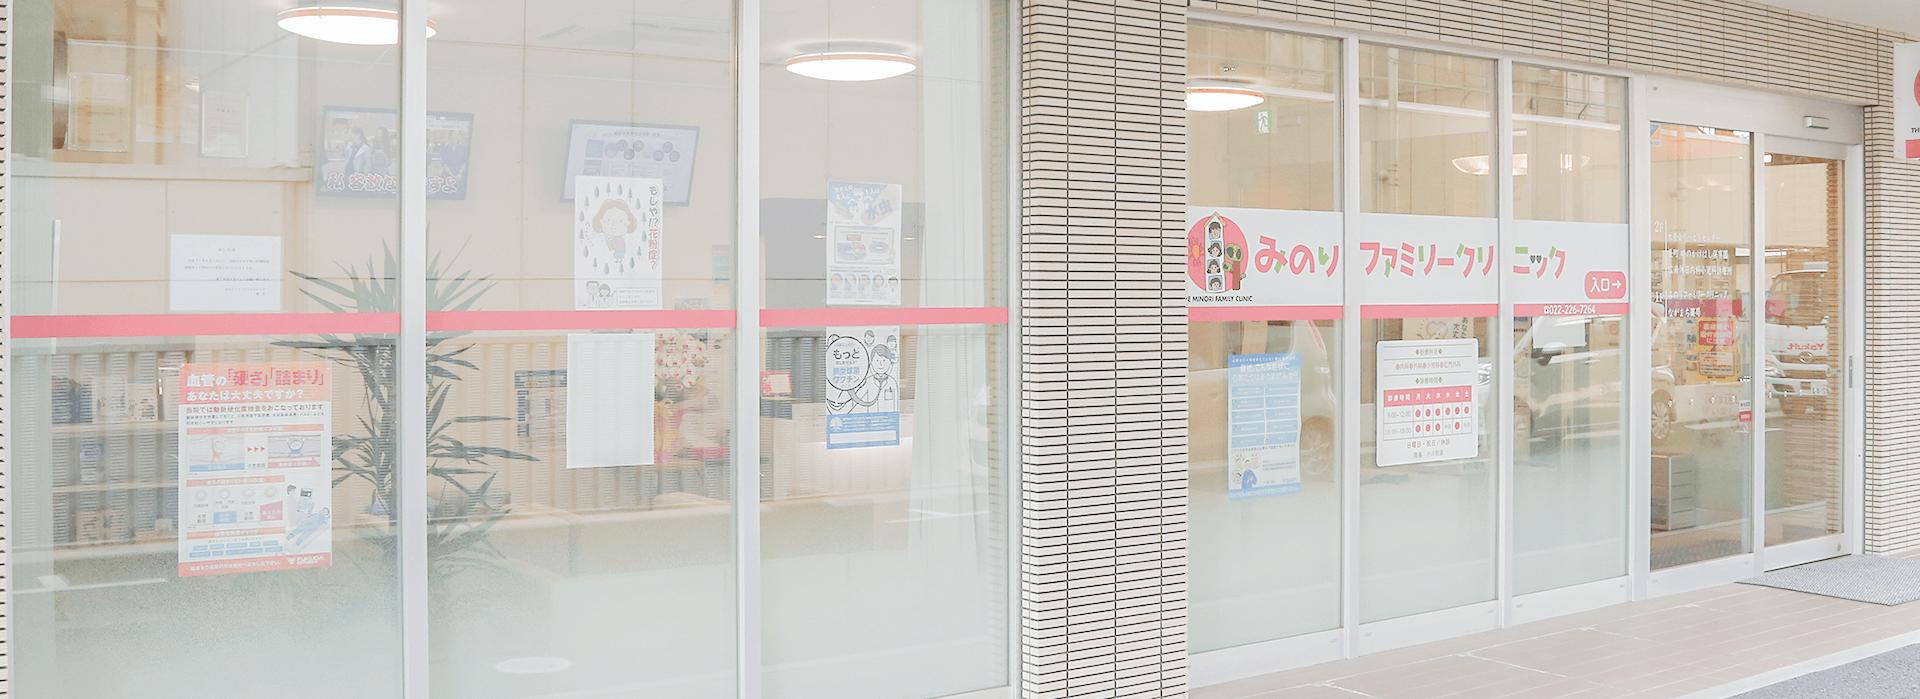 仙台の長町にある内科「みのりファミリークリニック」へのアクセス情報